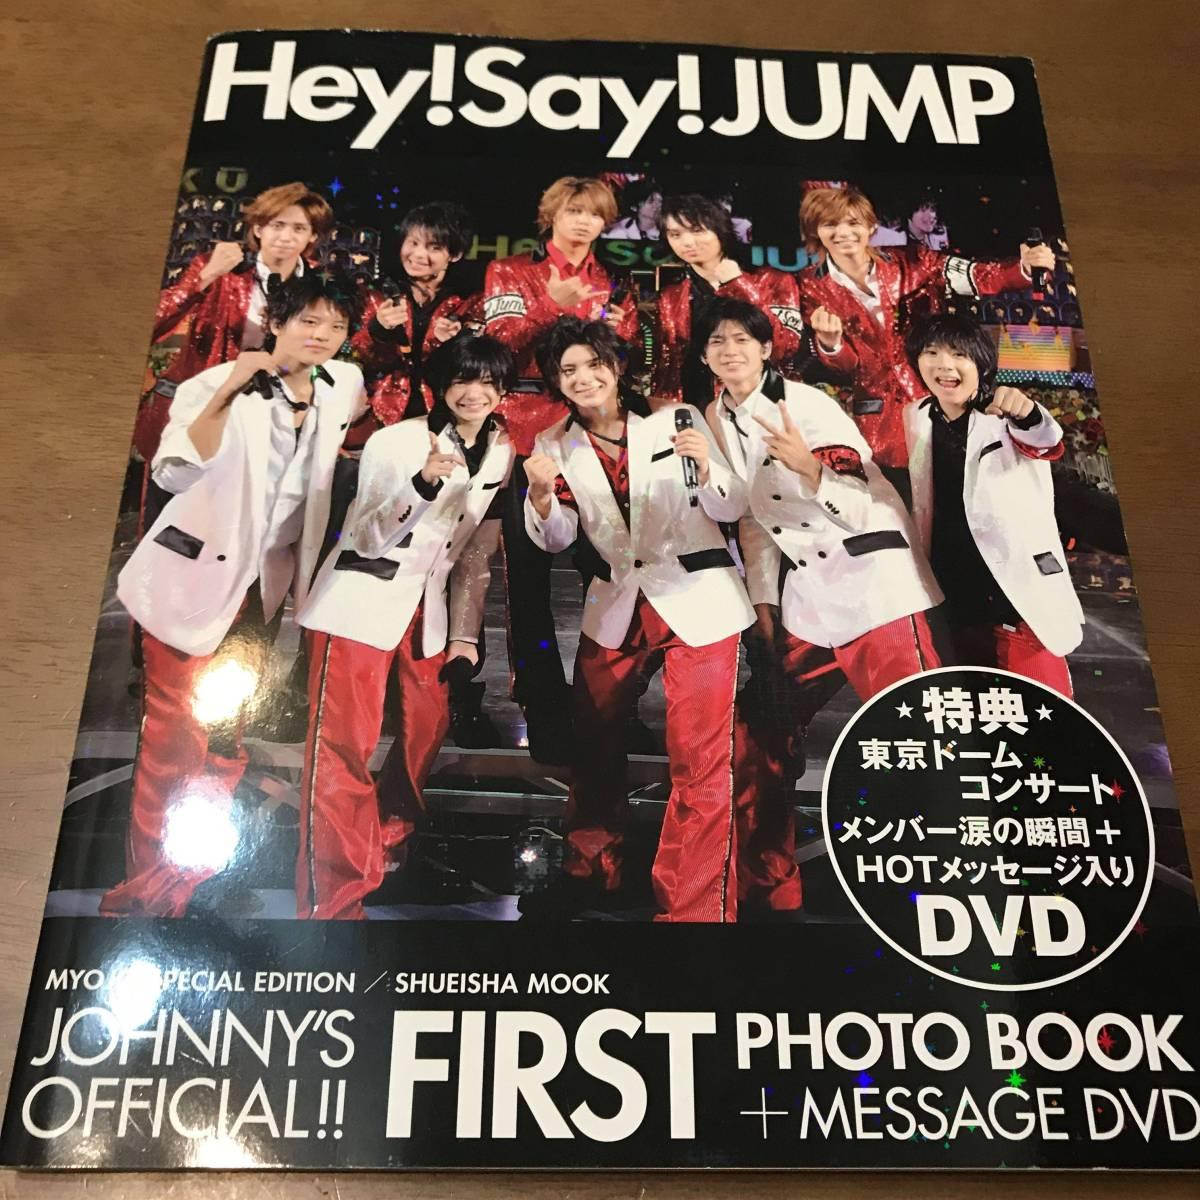 Hey!Say!JUMP ファーストフォトブックメッセージDVD コンサートグッズの画像